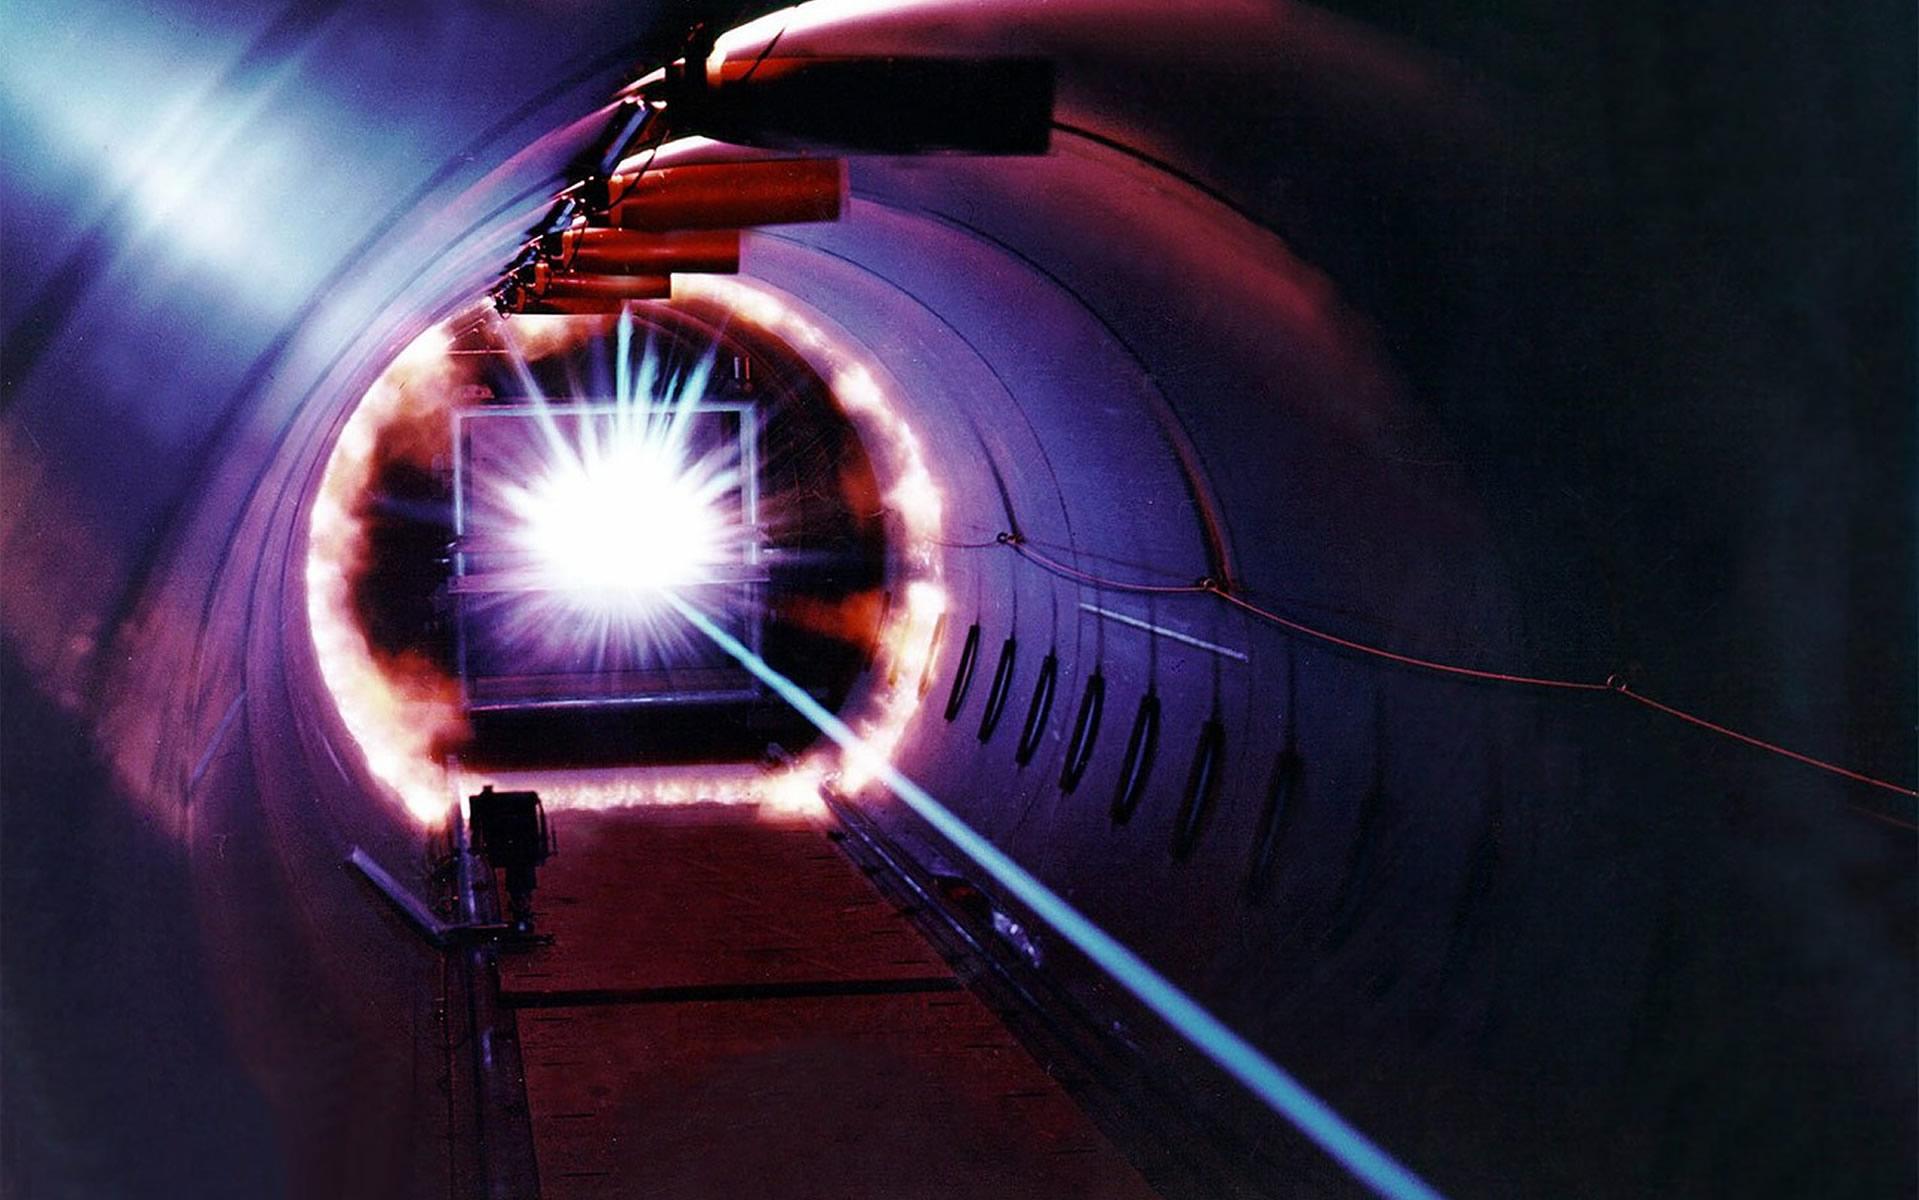 Российские ученые создали систему передачи данных через атмосферу с помощью лазерного луча